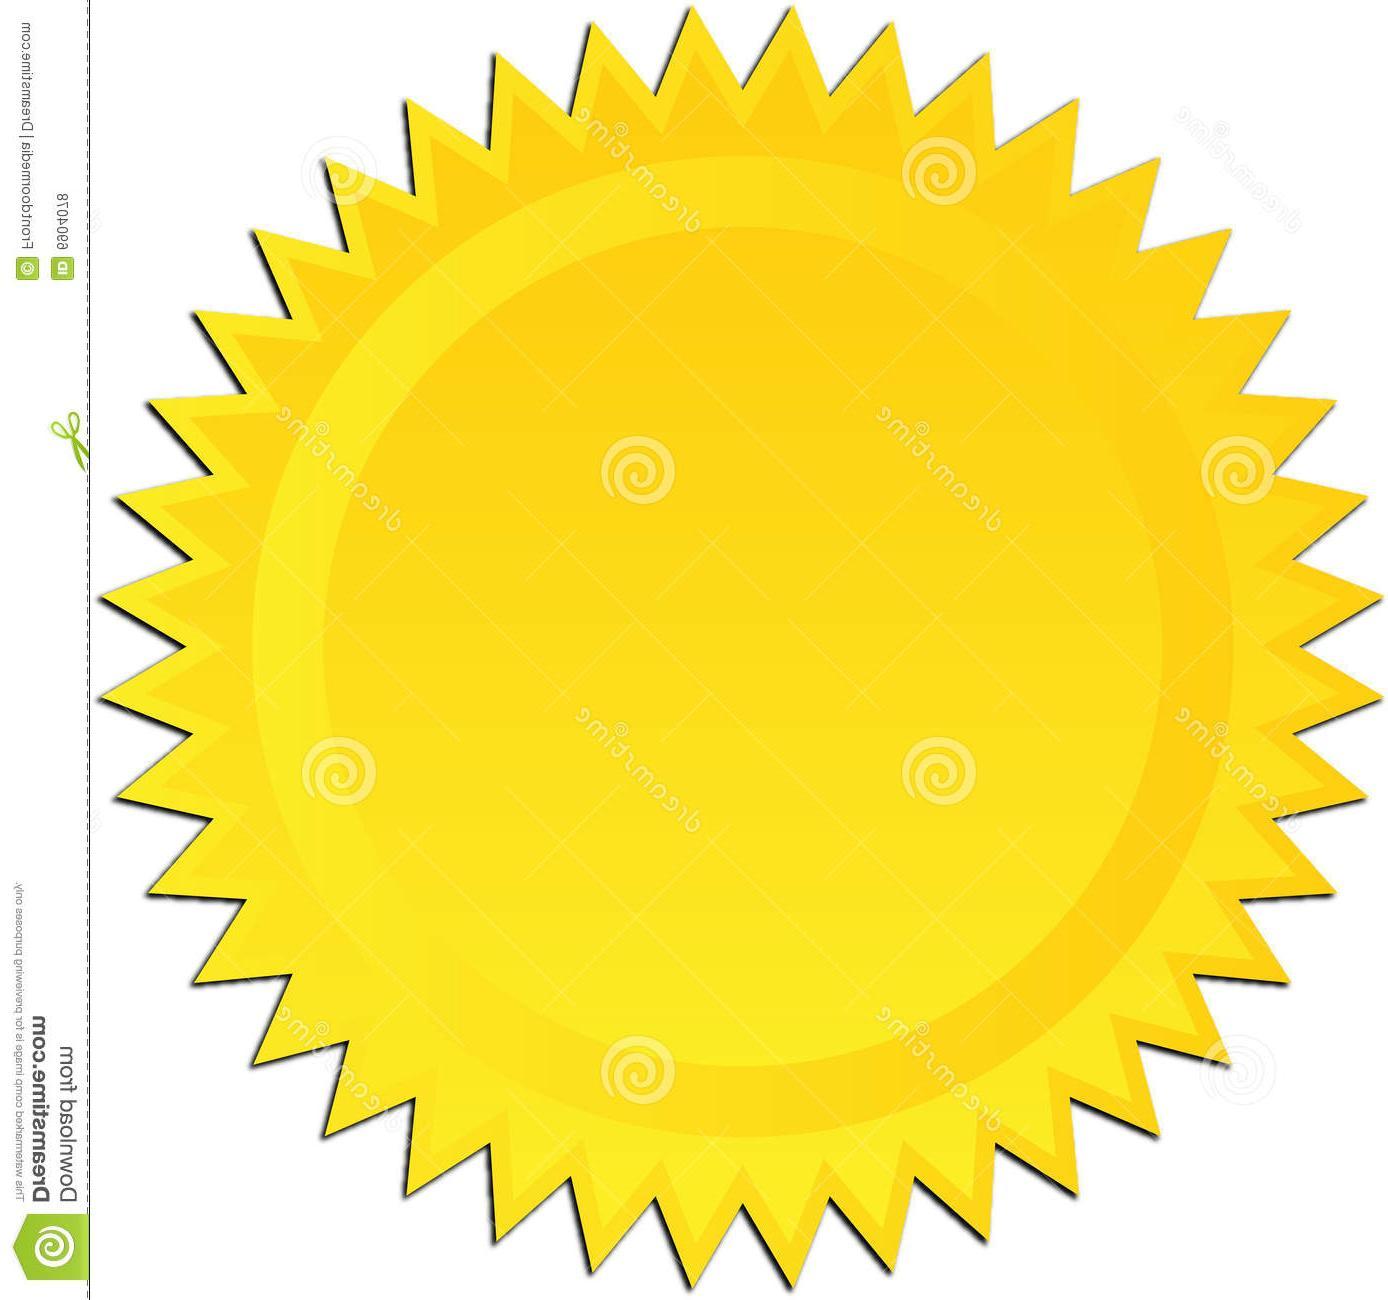 1388x1300 Top Golden Starburst File Free